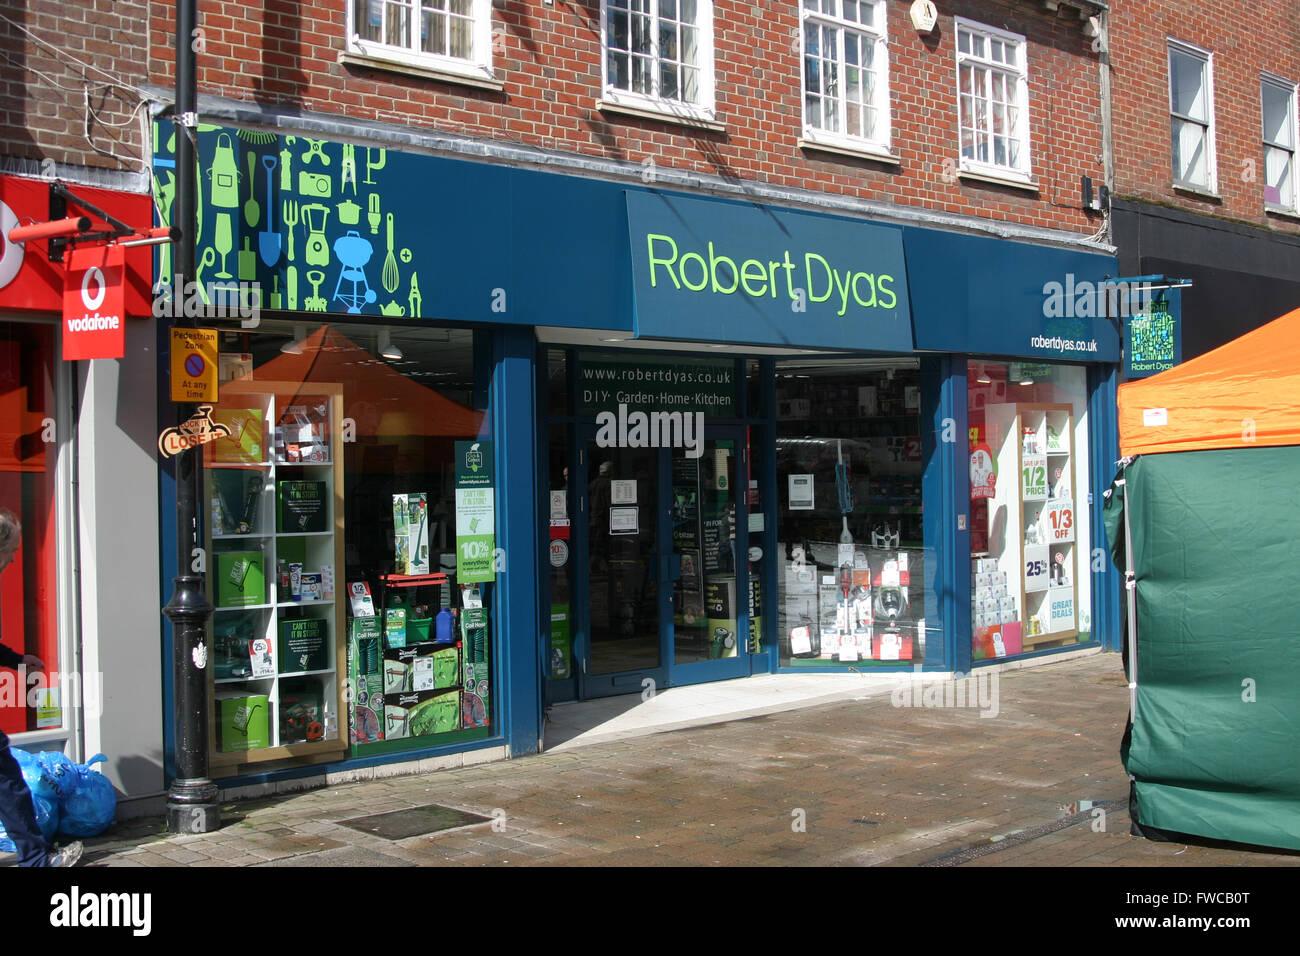 ROBERT DYAS HARDWARE SHOP DIY - Stock Image